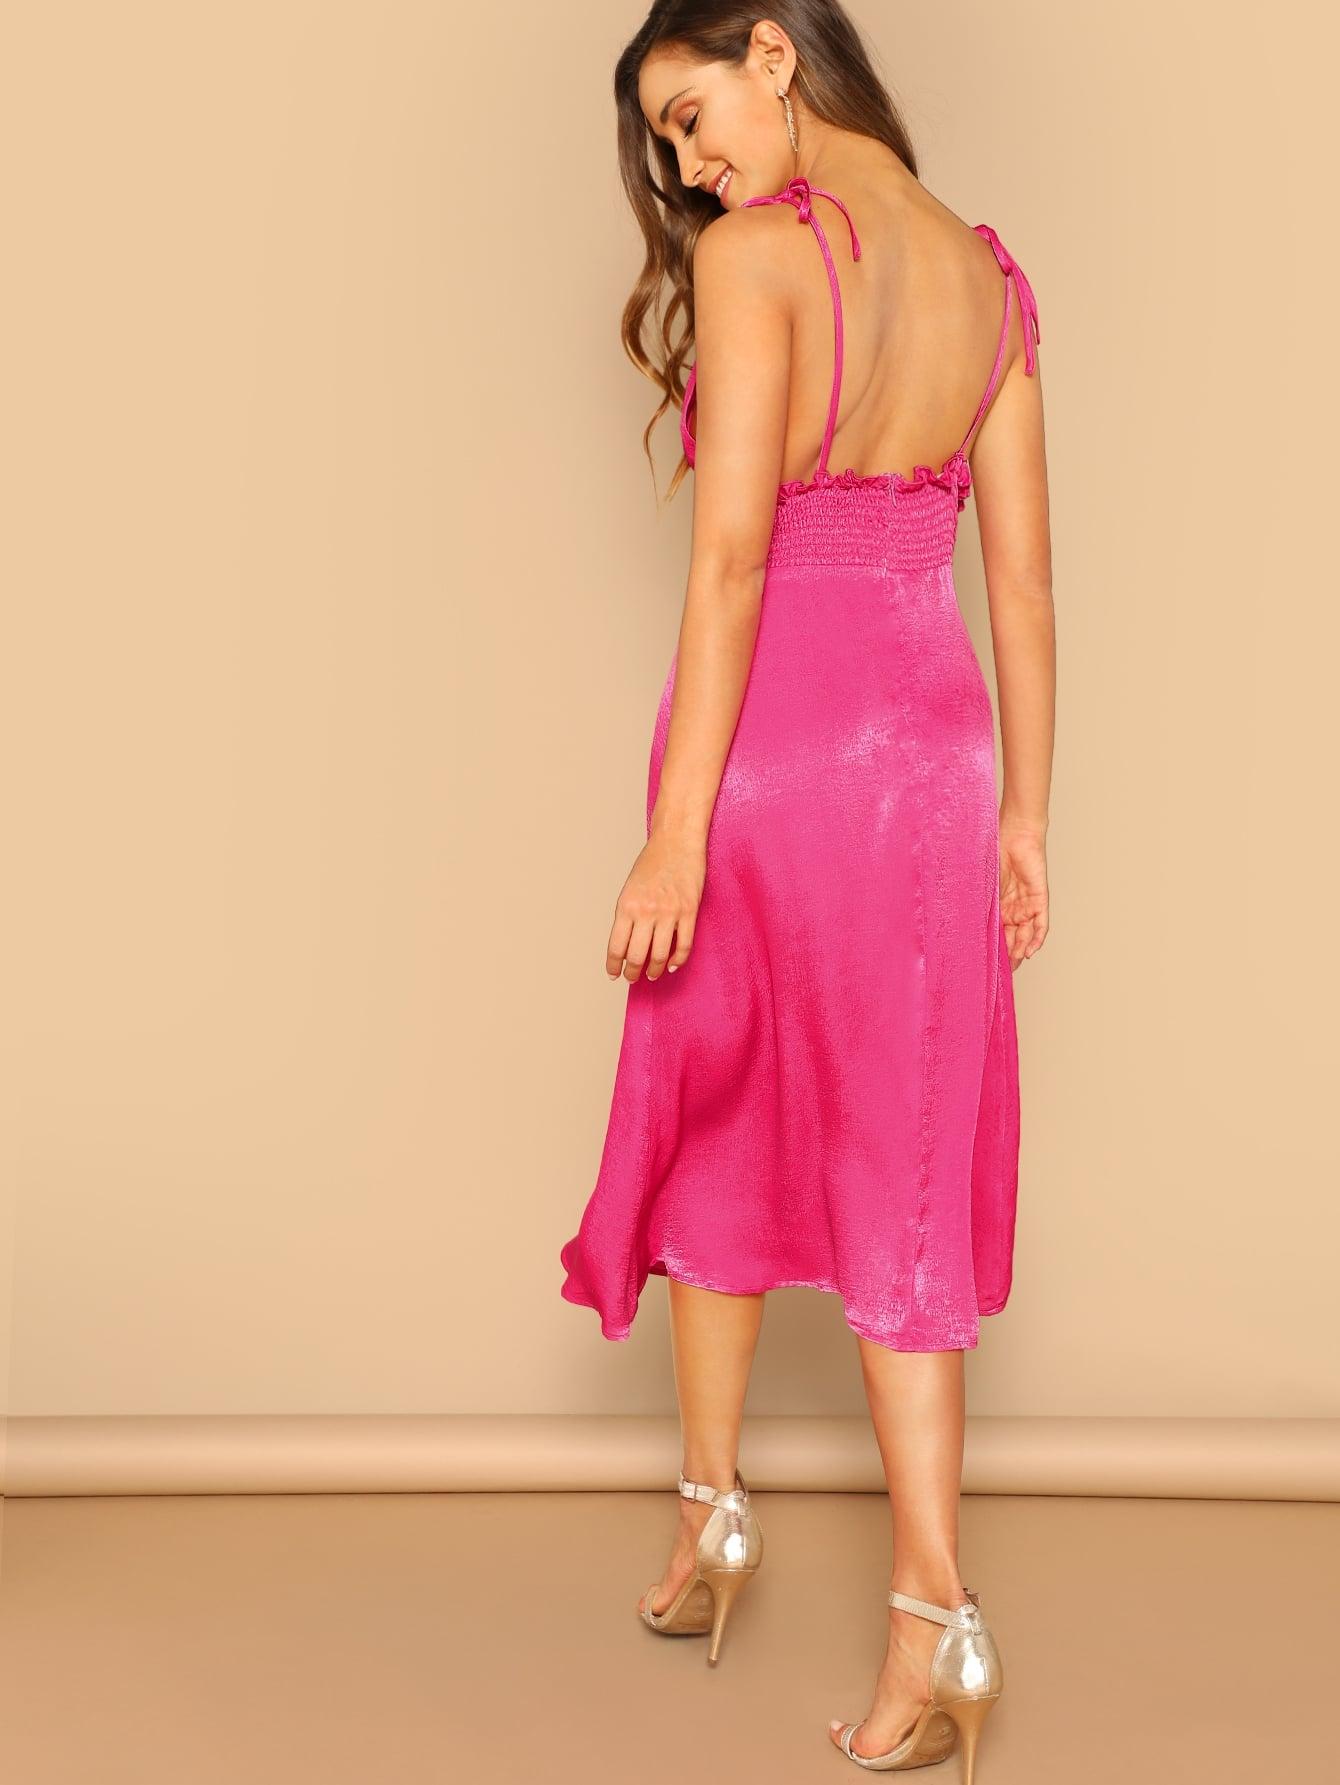 Rückenfreies Kleid mit Riemchen in Neon Pink   SHEIN